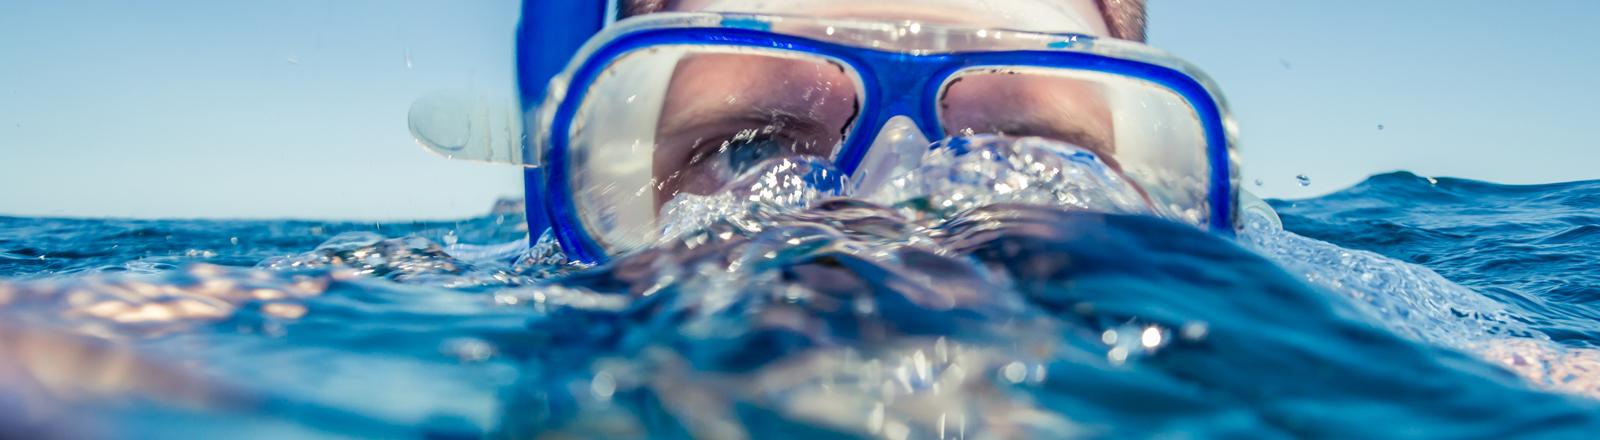 Ein Mann mit Schnorchel schwimmt knapp über der Wasseroberfläche.